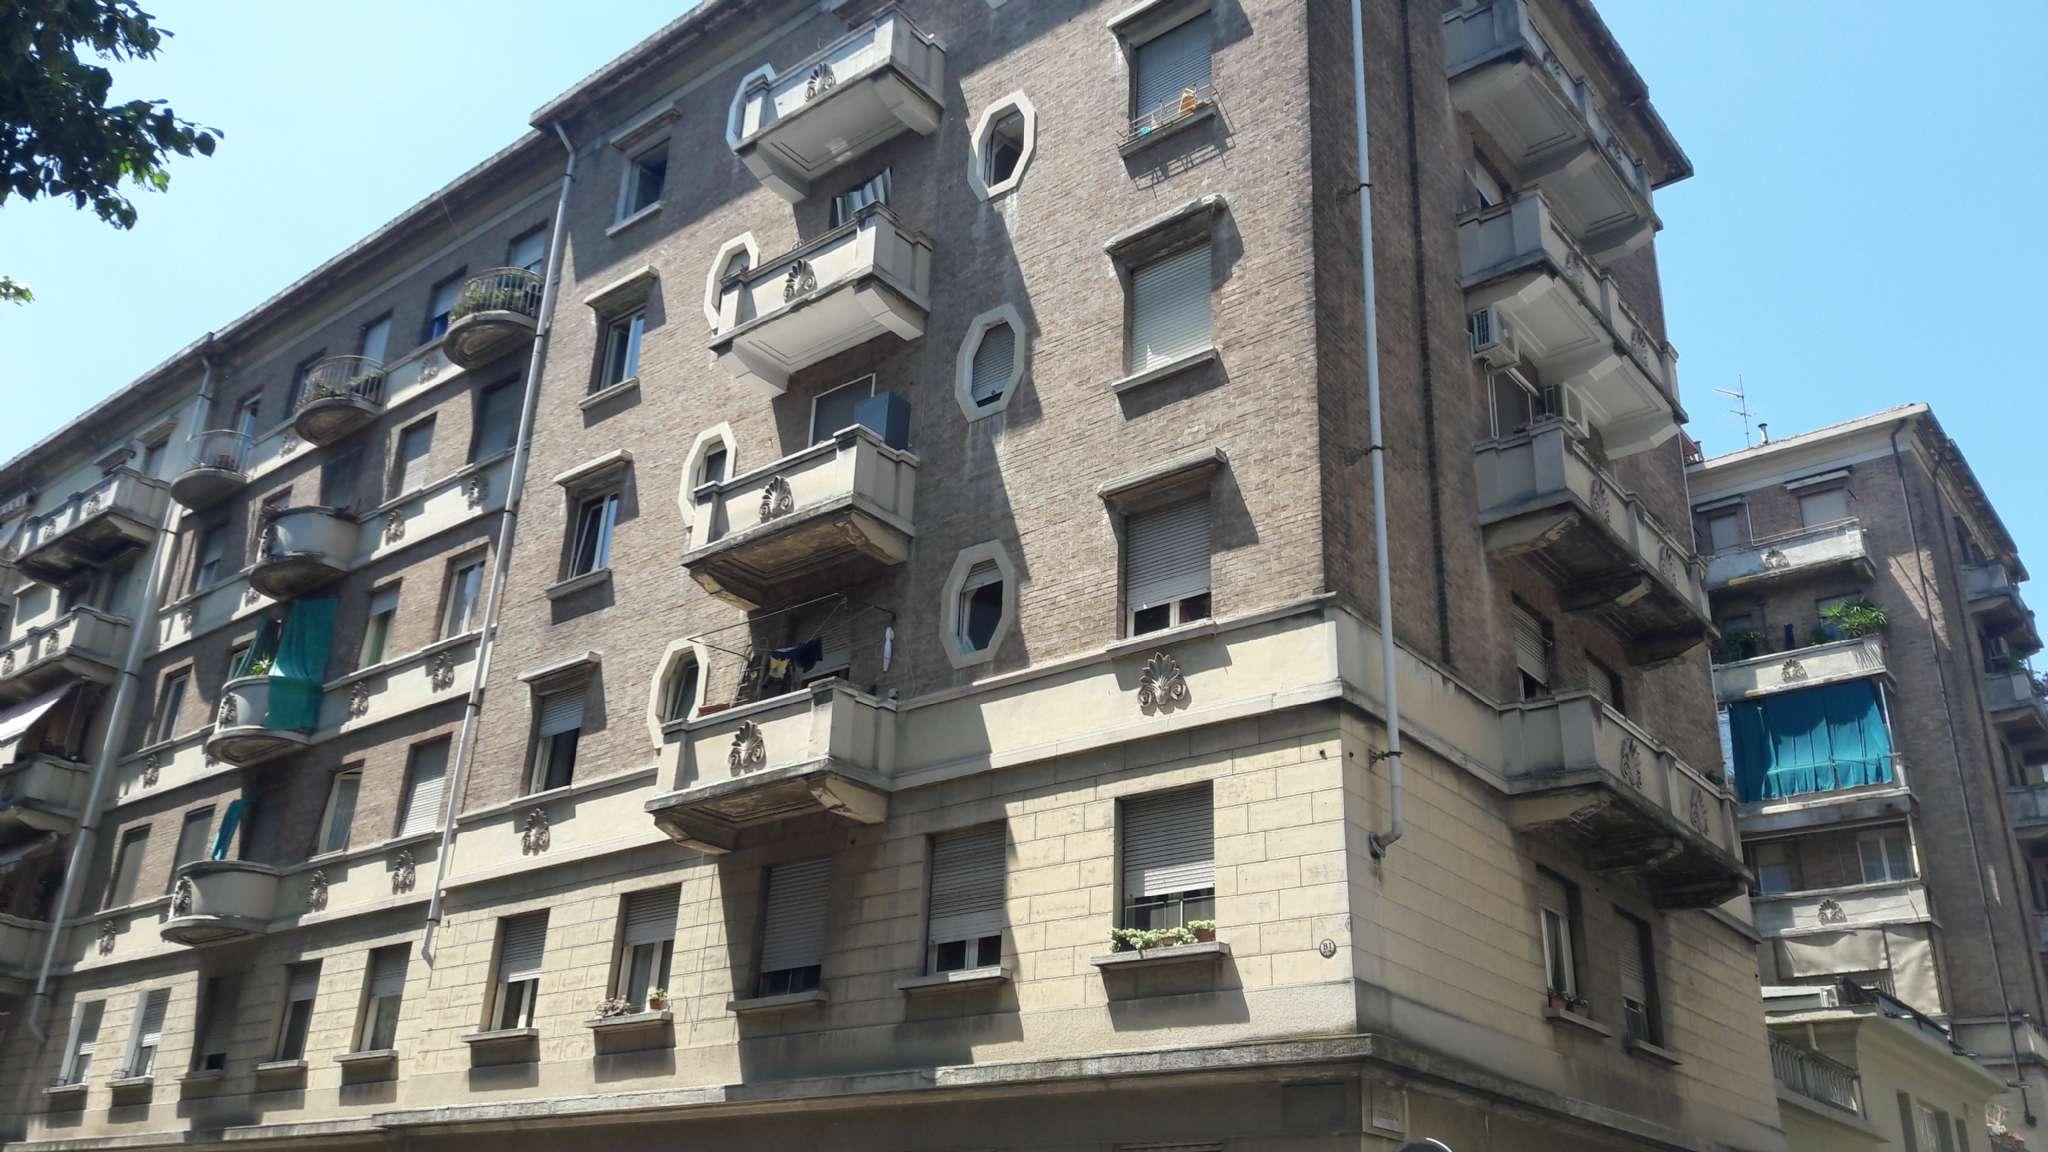 Appartamento in vendita Zona Barriera Milano, Falchera, Barca-Be... - via Cremona 4 Torino